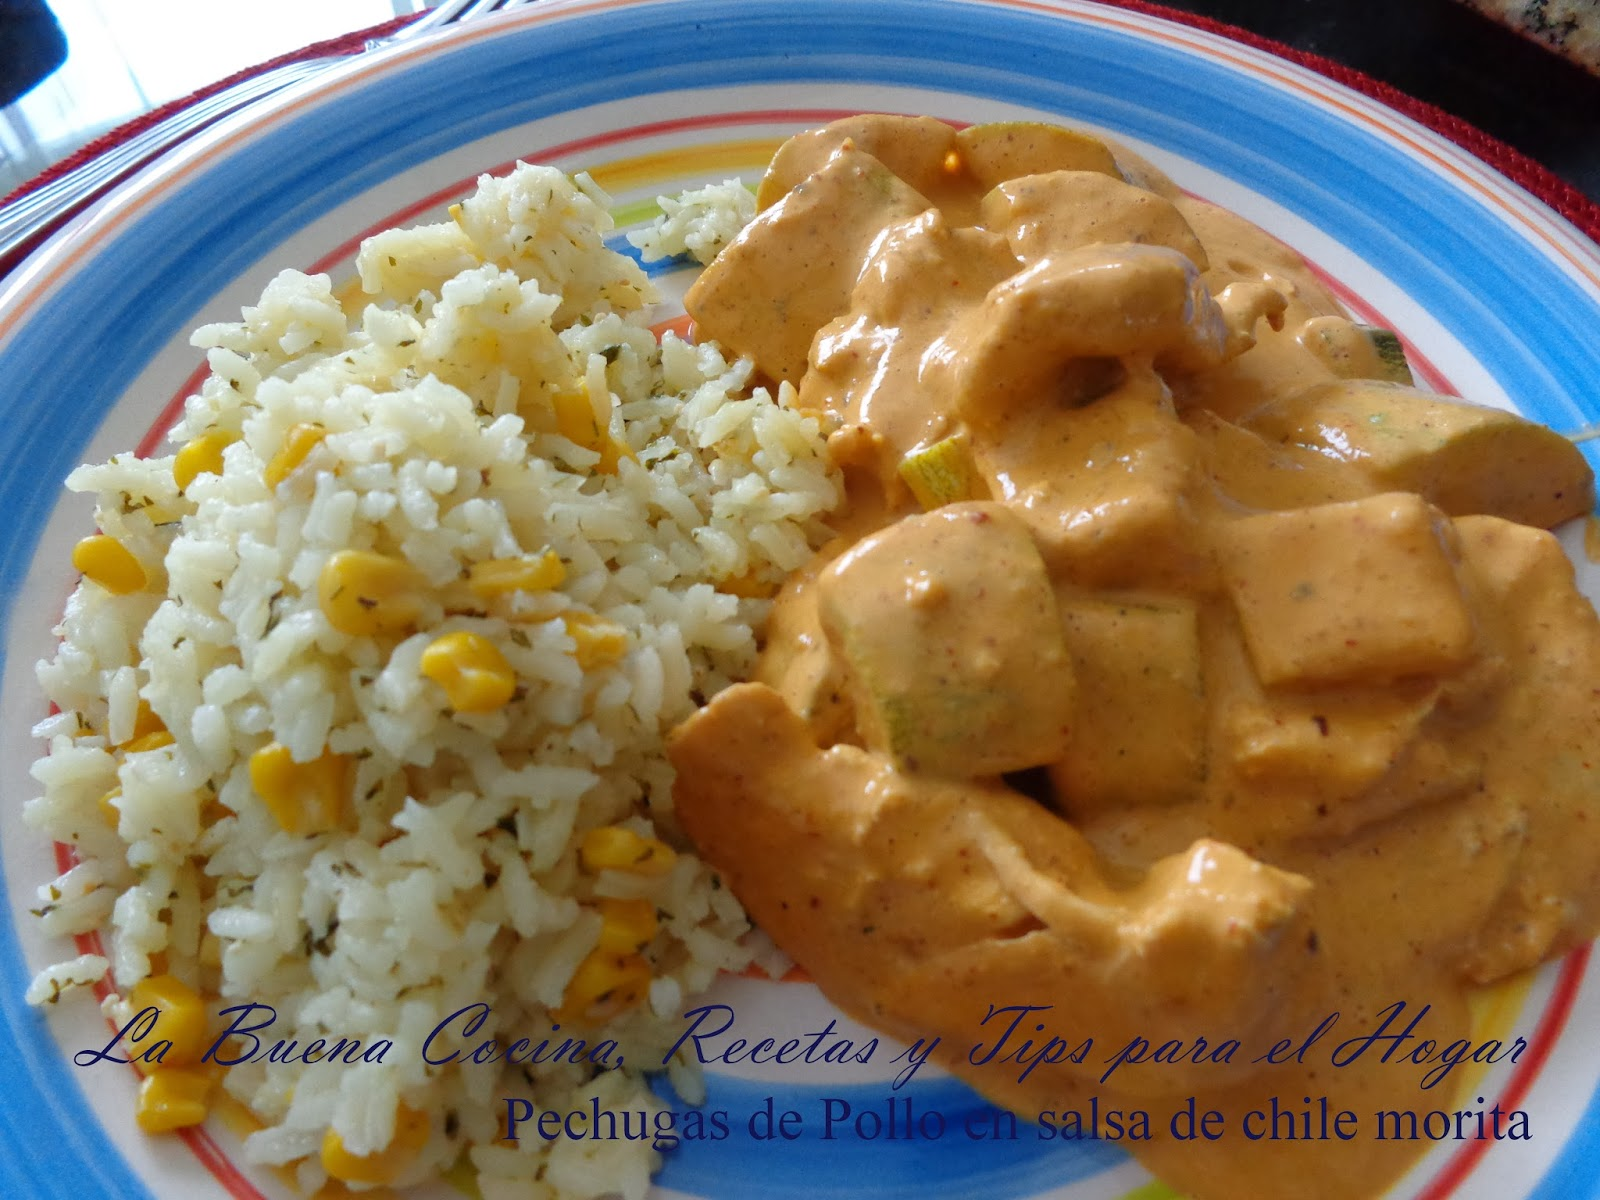 Beaufiful formas de cocinar pechugas de pollo images for Formas de cocinar pollo